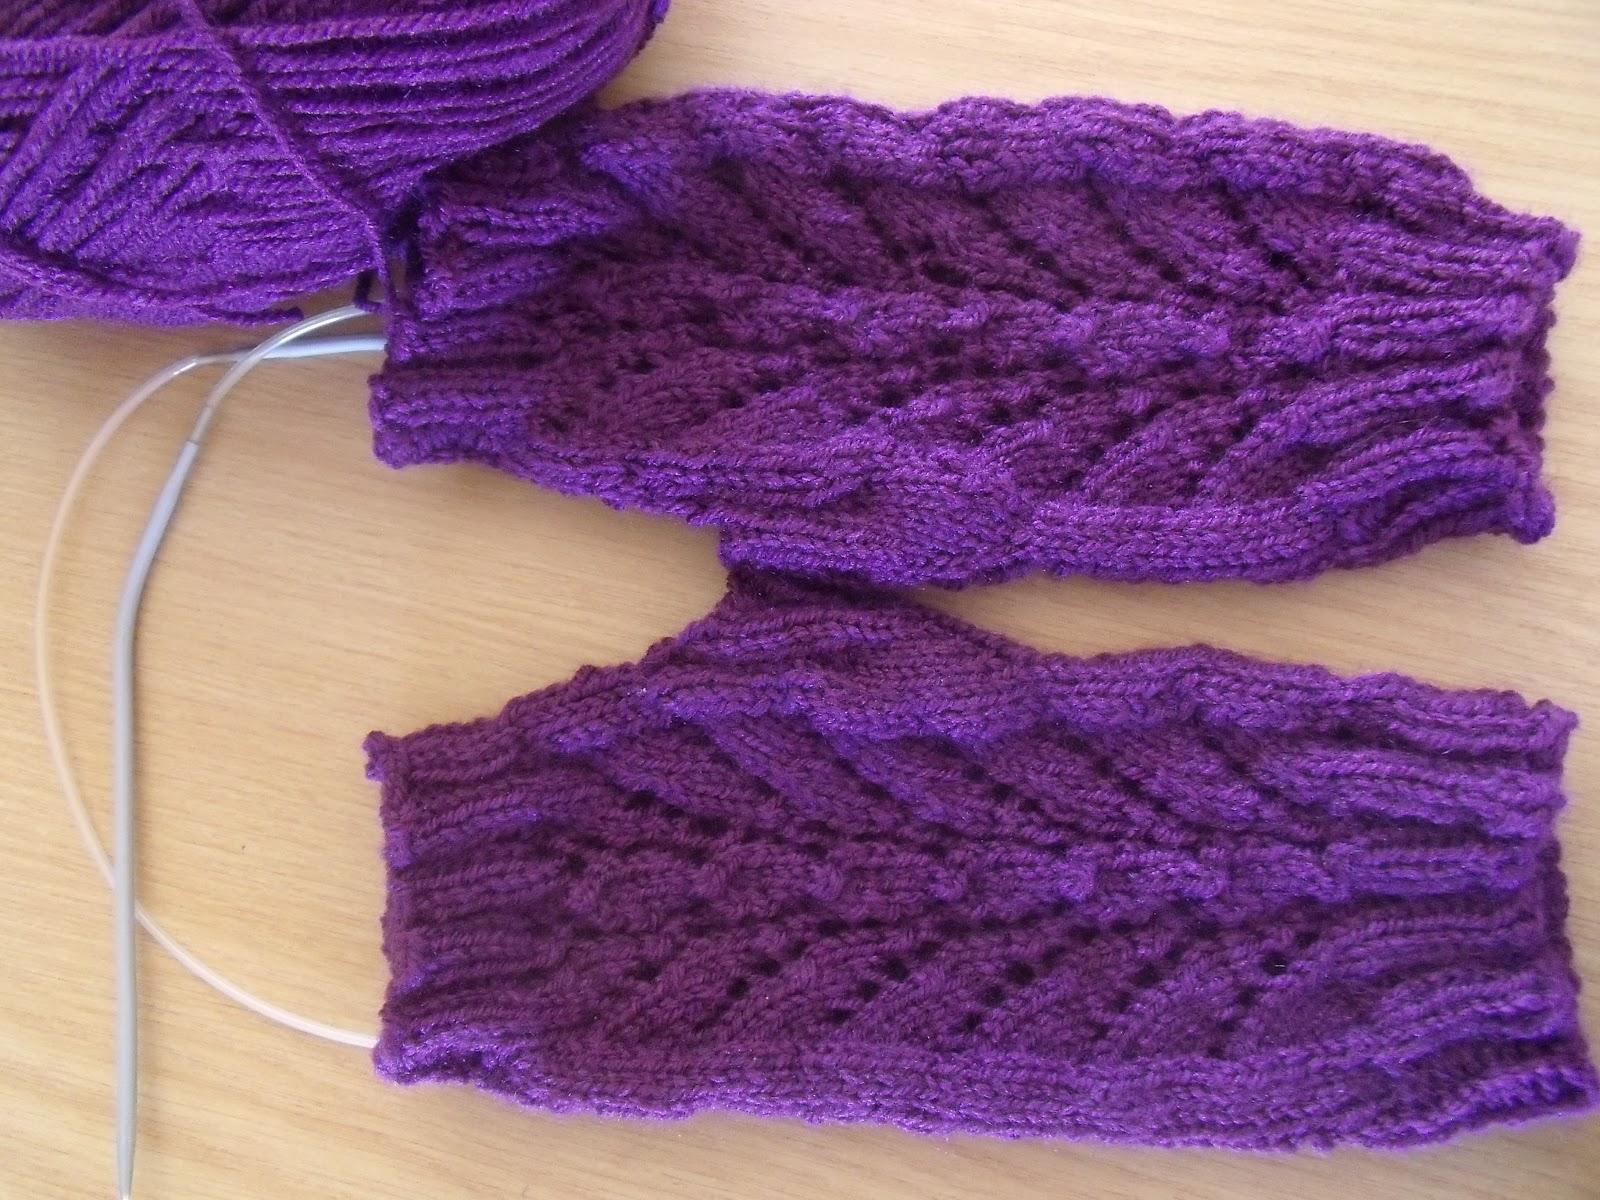 Magic Loop Knitting : Janemactats magic loop knitting part